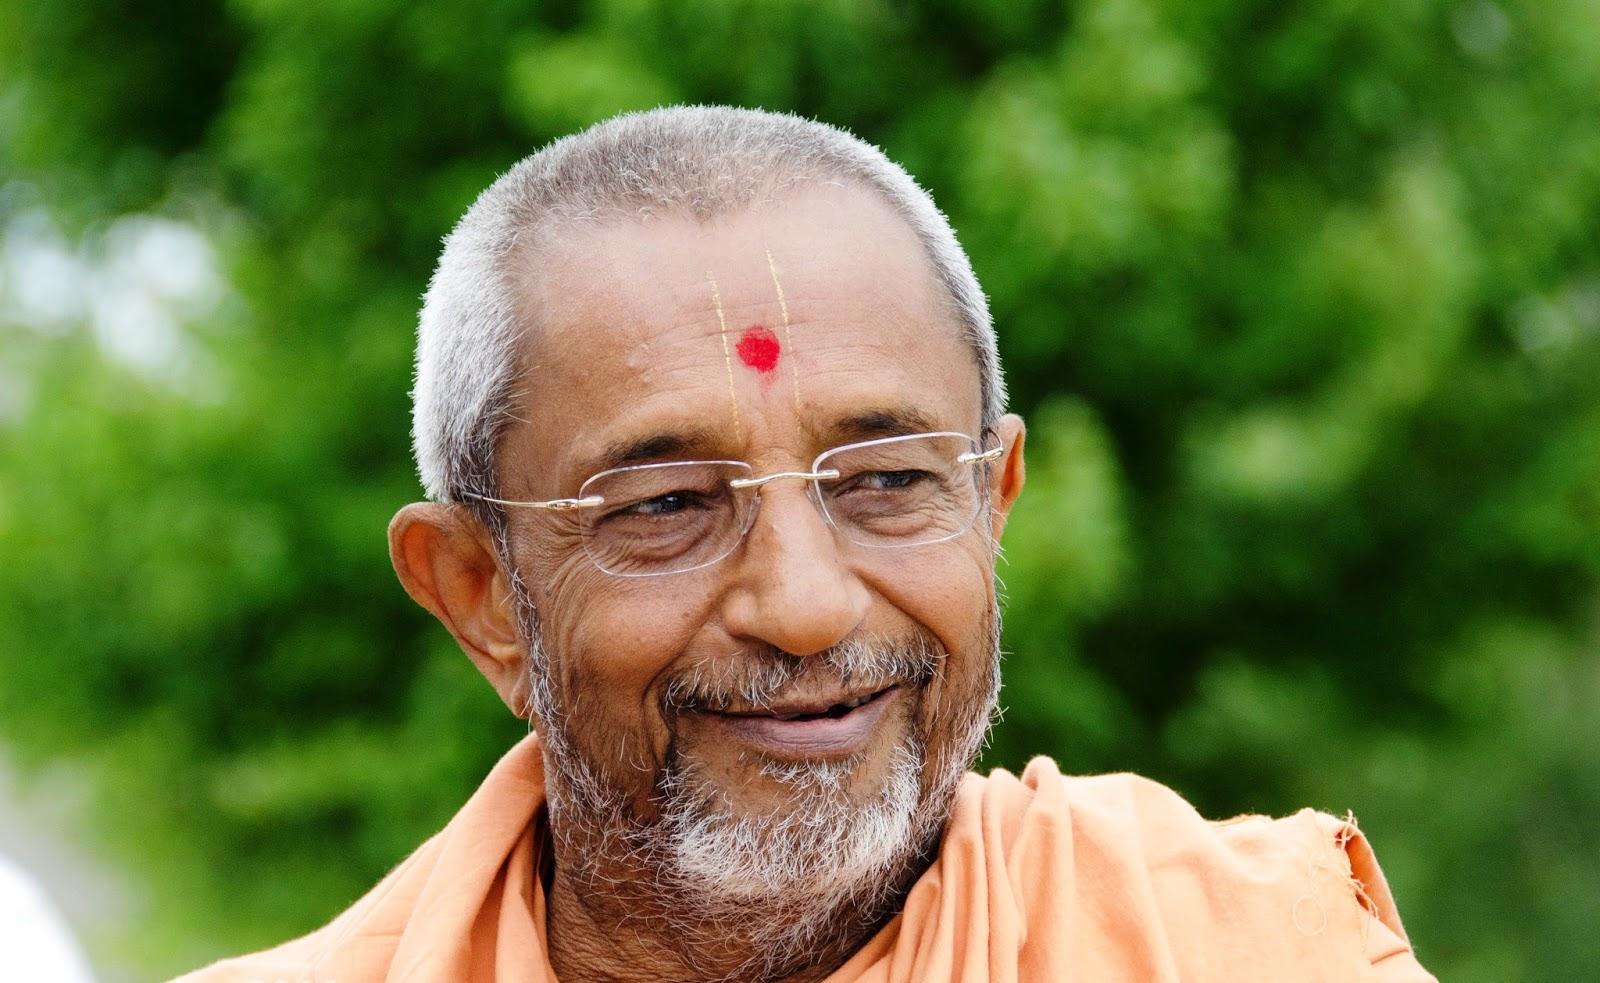 Hariprasad Swami Nidhan : અક્ષરધામ નિવાસી થયા સોખડાના હરિપ્રસાદ સ્વામી,1 ઓગસ્ટે થશે અંતિમ સંસ્કાર, પાંચ દિવસ સુધી અંતિમ દર્શન, CM રૂપાણીએ આપી શ્રદ્ધાંજલિ, નીતિન પટેલે કહ્યું, હરિપ્રસાદ સ્વામીનું જવુ એ મોટી ખોટ